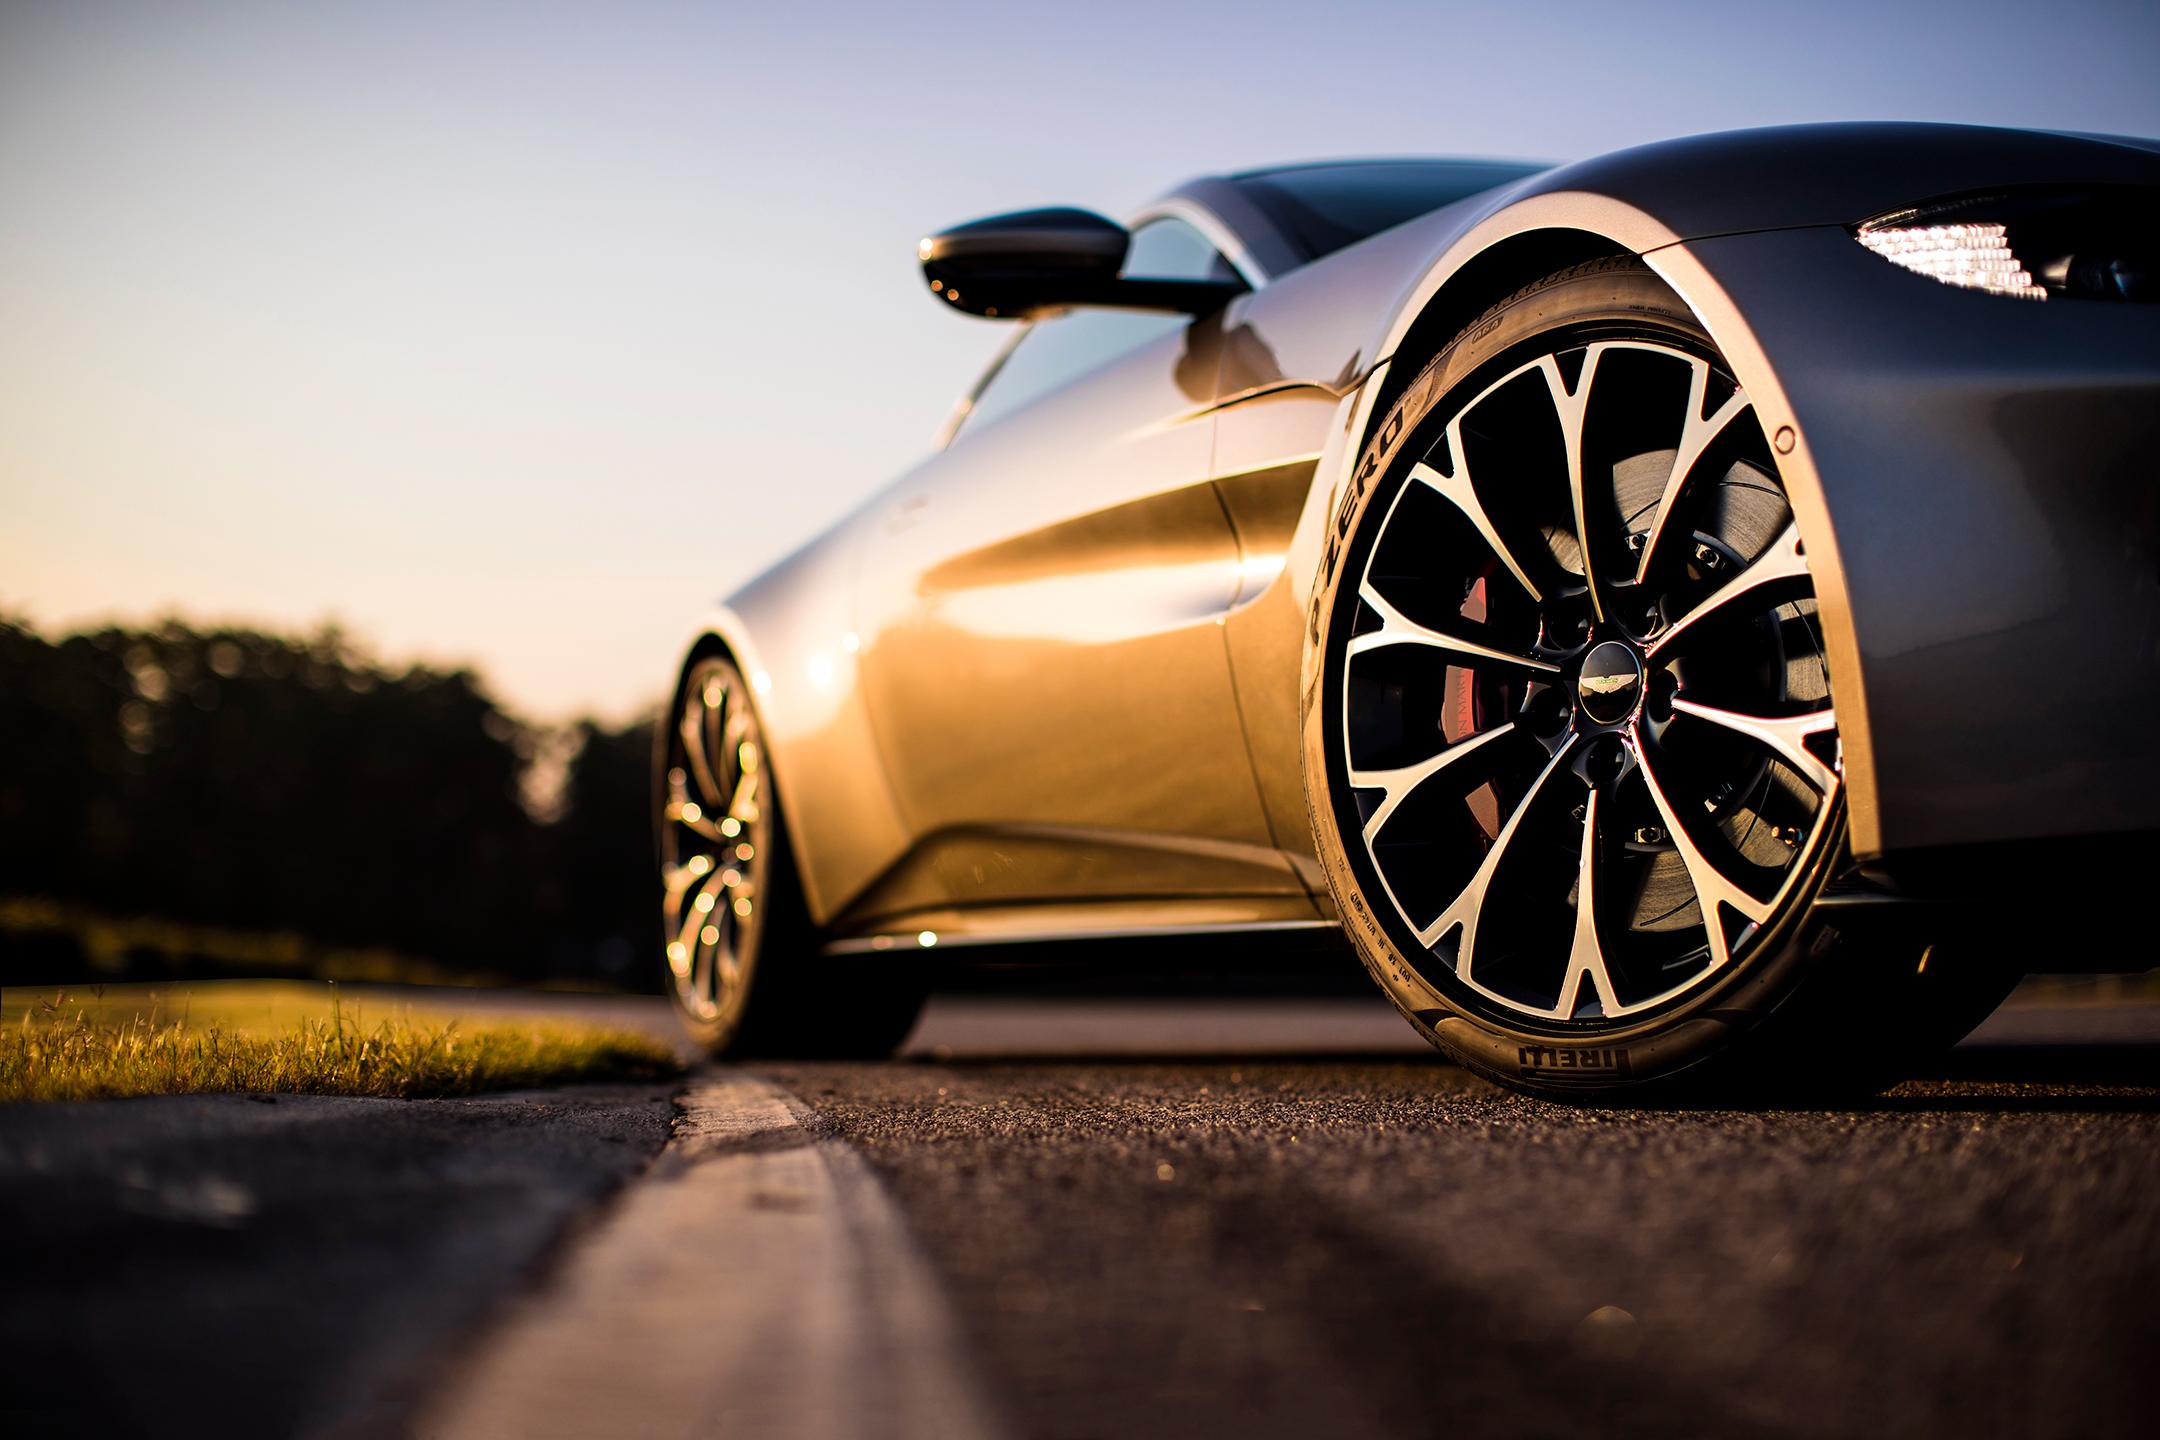 Aston Martin Vantage - 2018 - front wheel - Tungsten Silver livery